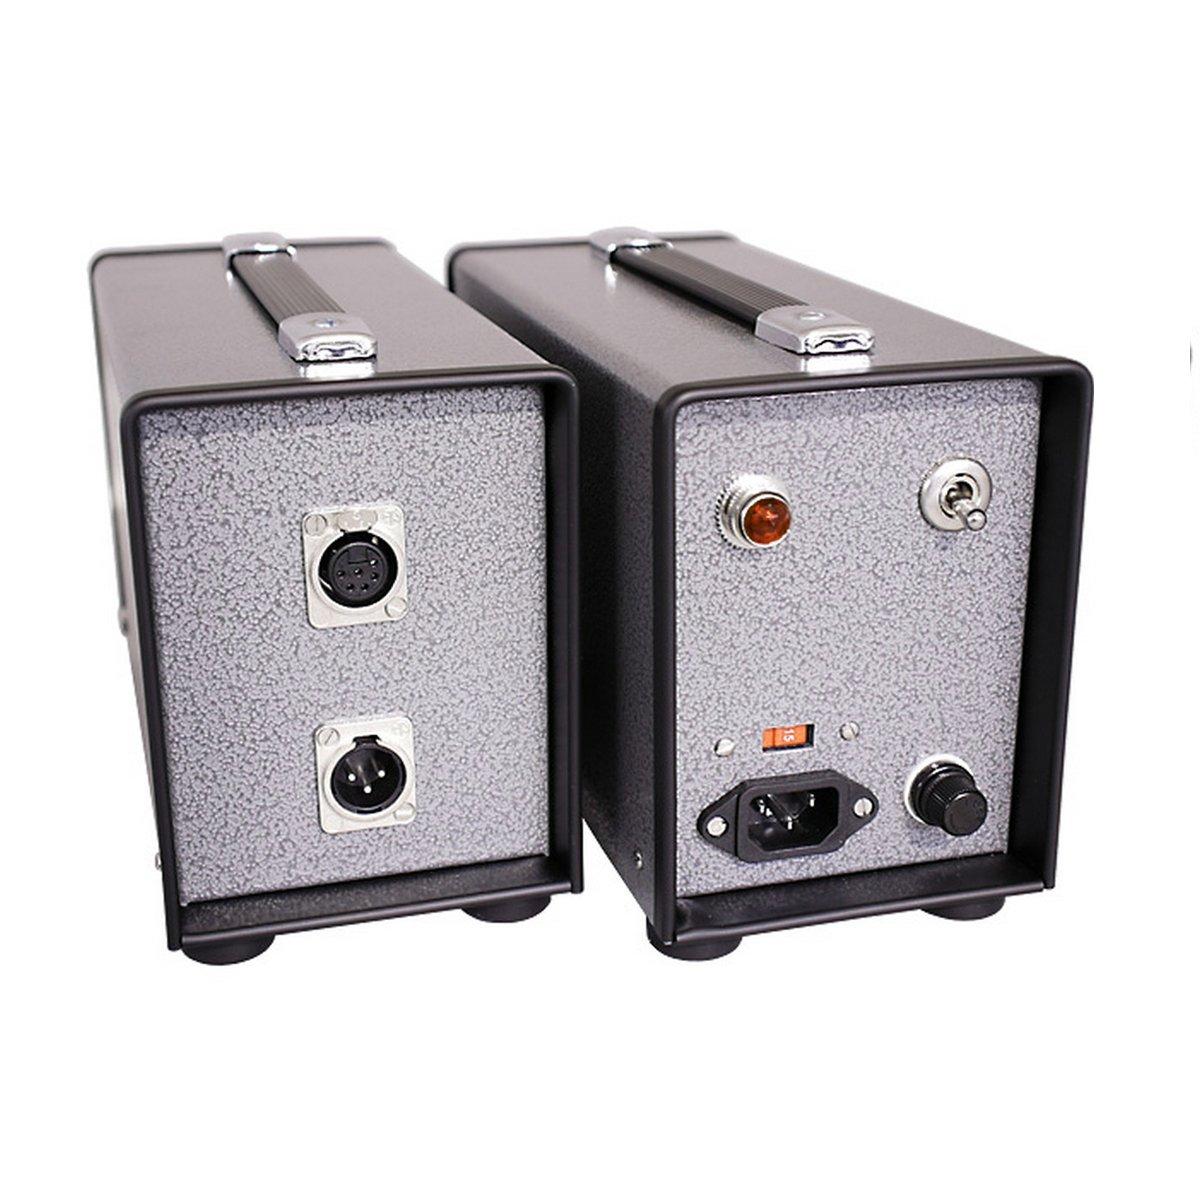 TELEFUNKEN Elektroakustik M 950E | Power Supply for ELA M 250E/251E